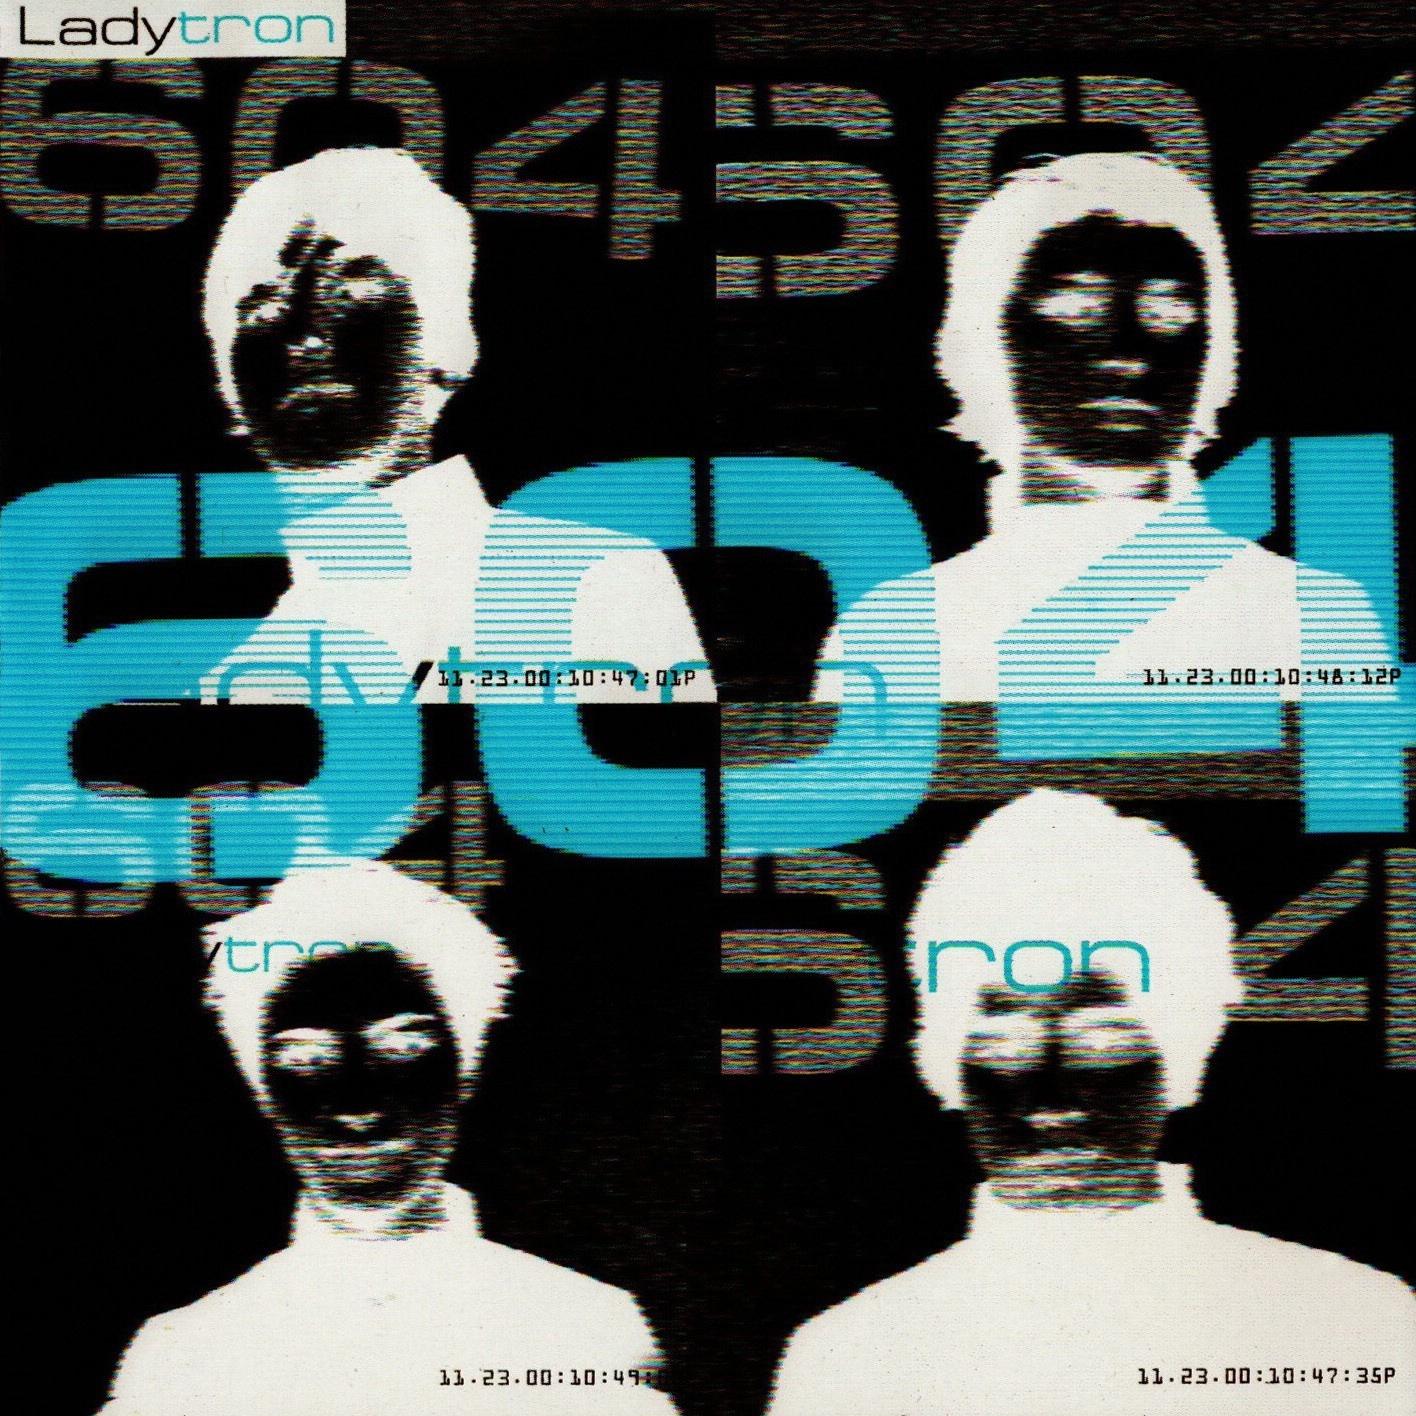 ladytron 604 - photo #3